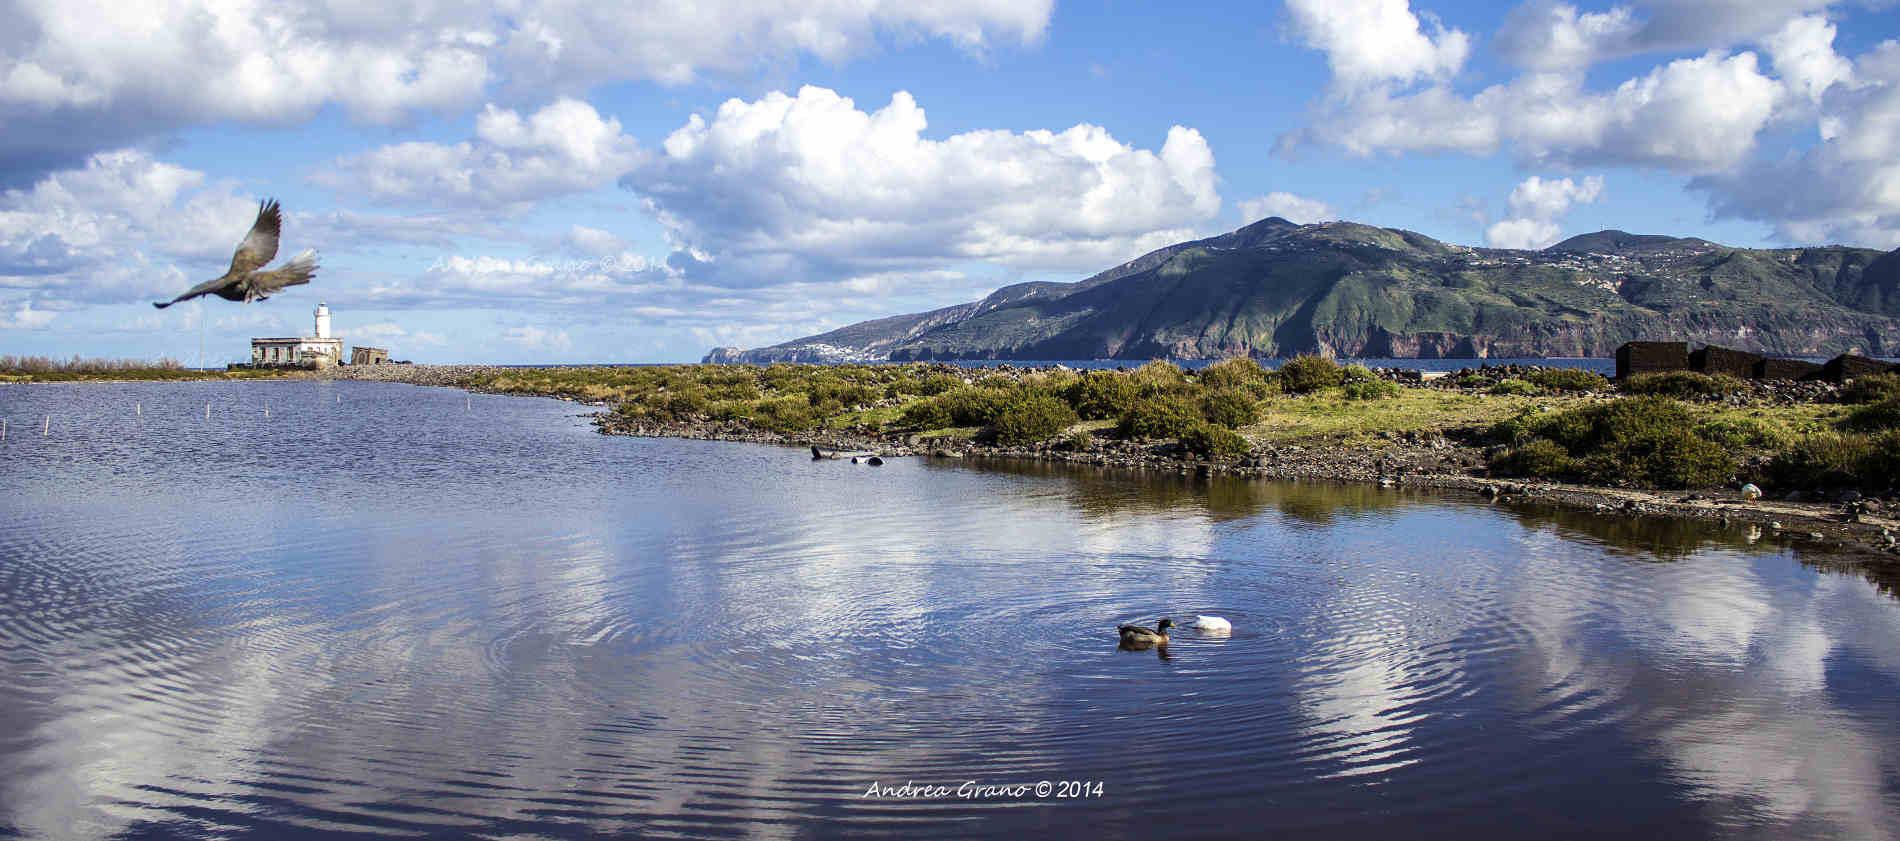 Laghetto e Faro a Lingua di Salina Isole Eolie cose da vedere